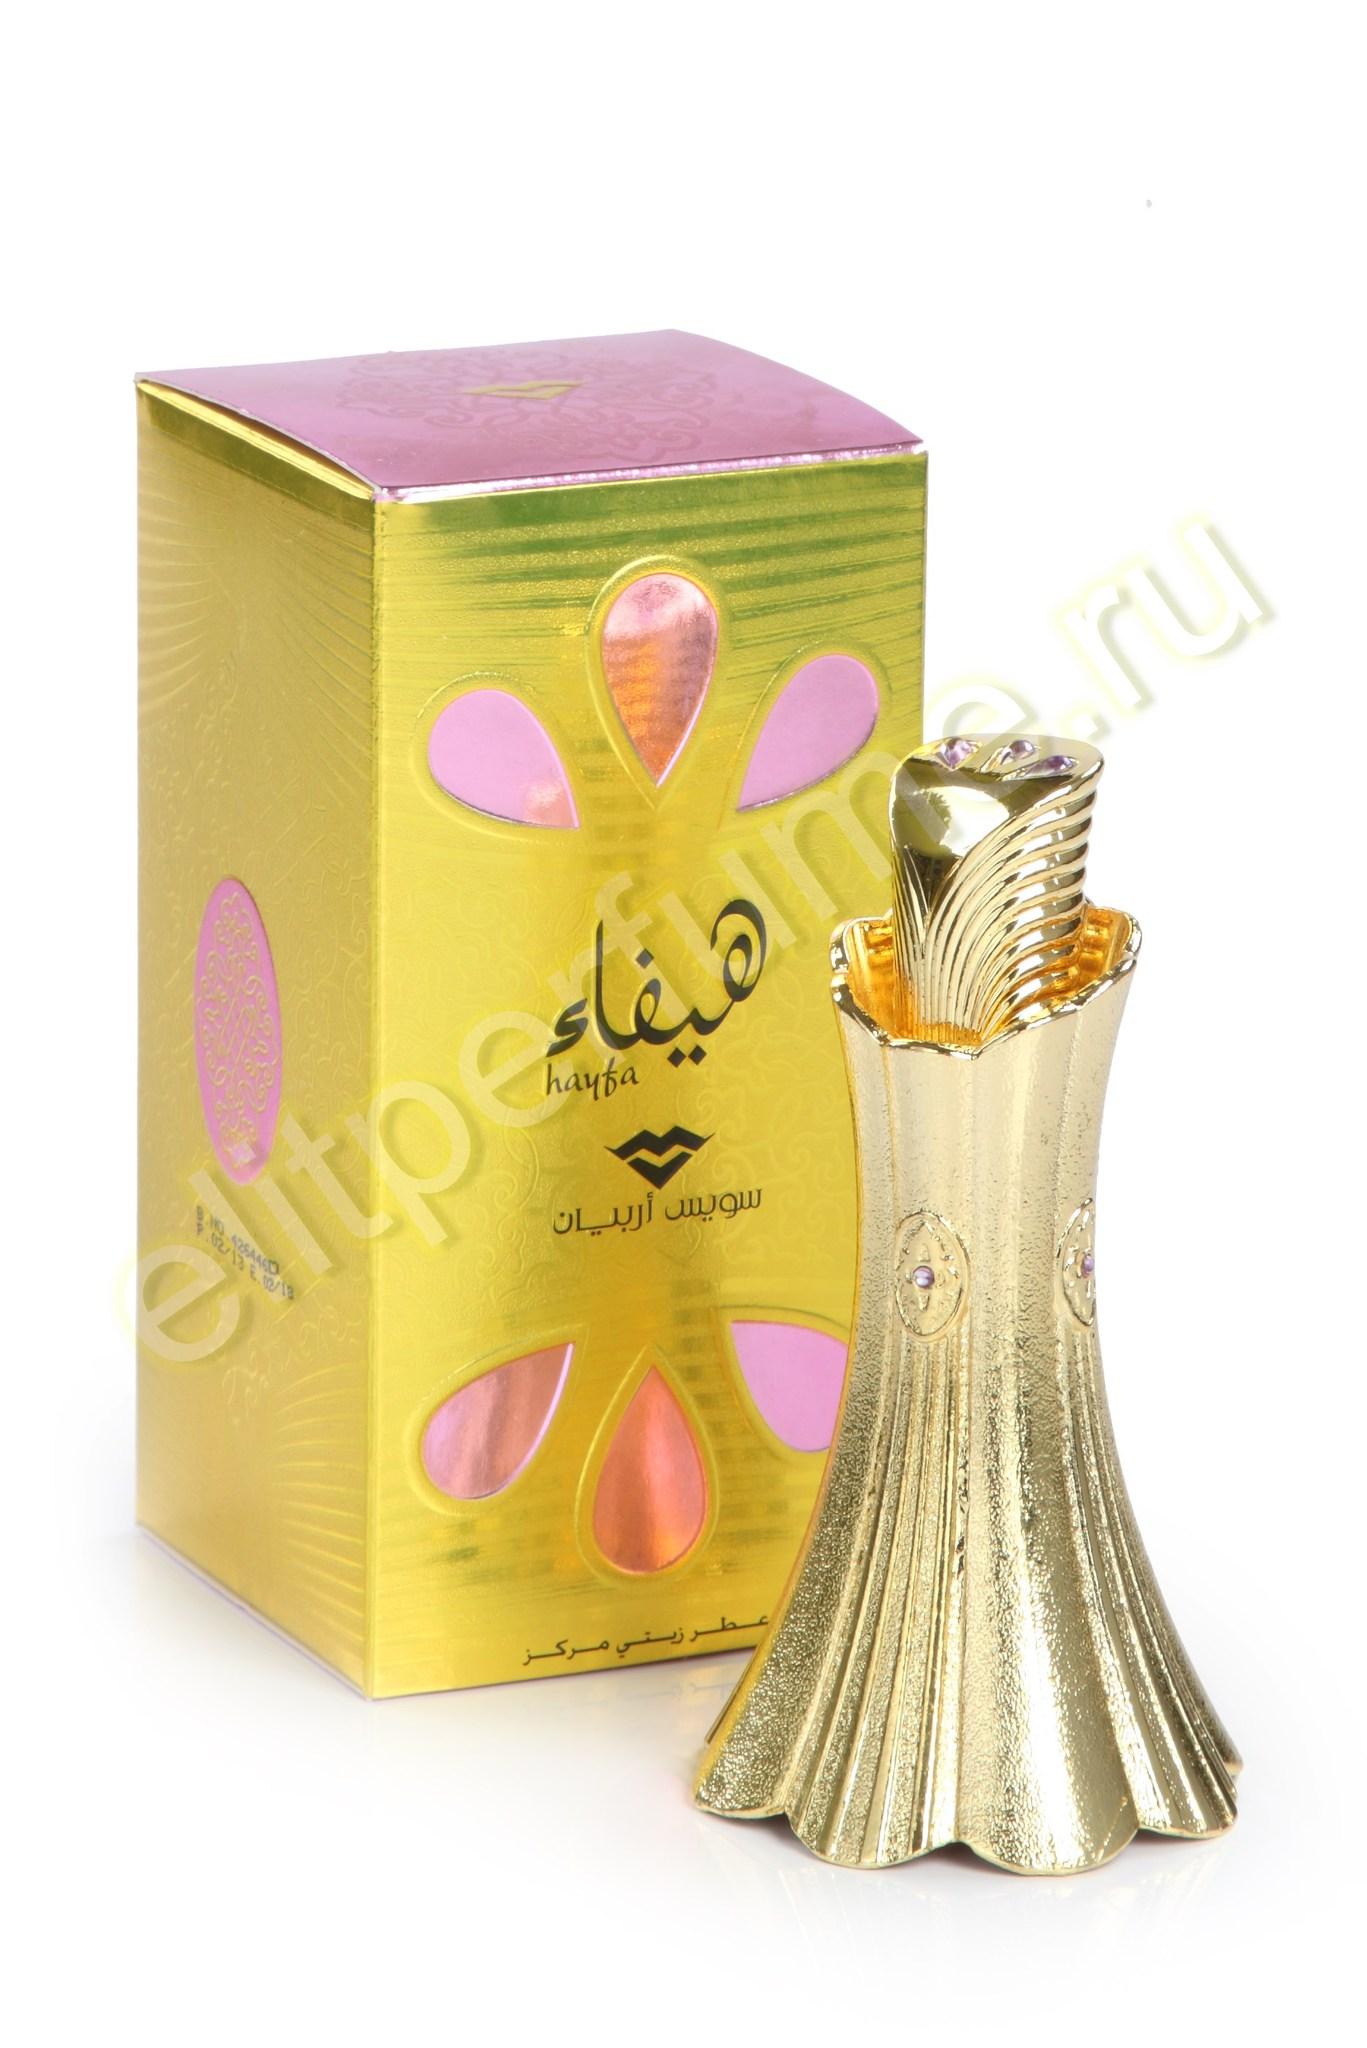 Пробники для арабских духов Hayfa Хайфа 1 мл арабские масляные духи от Свисс Арабиан Swiss Arabian